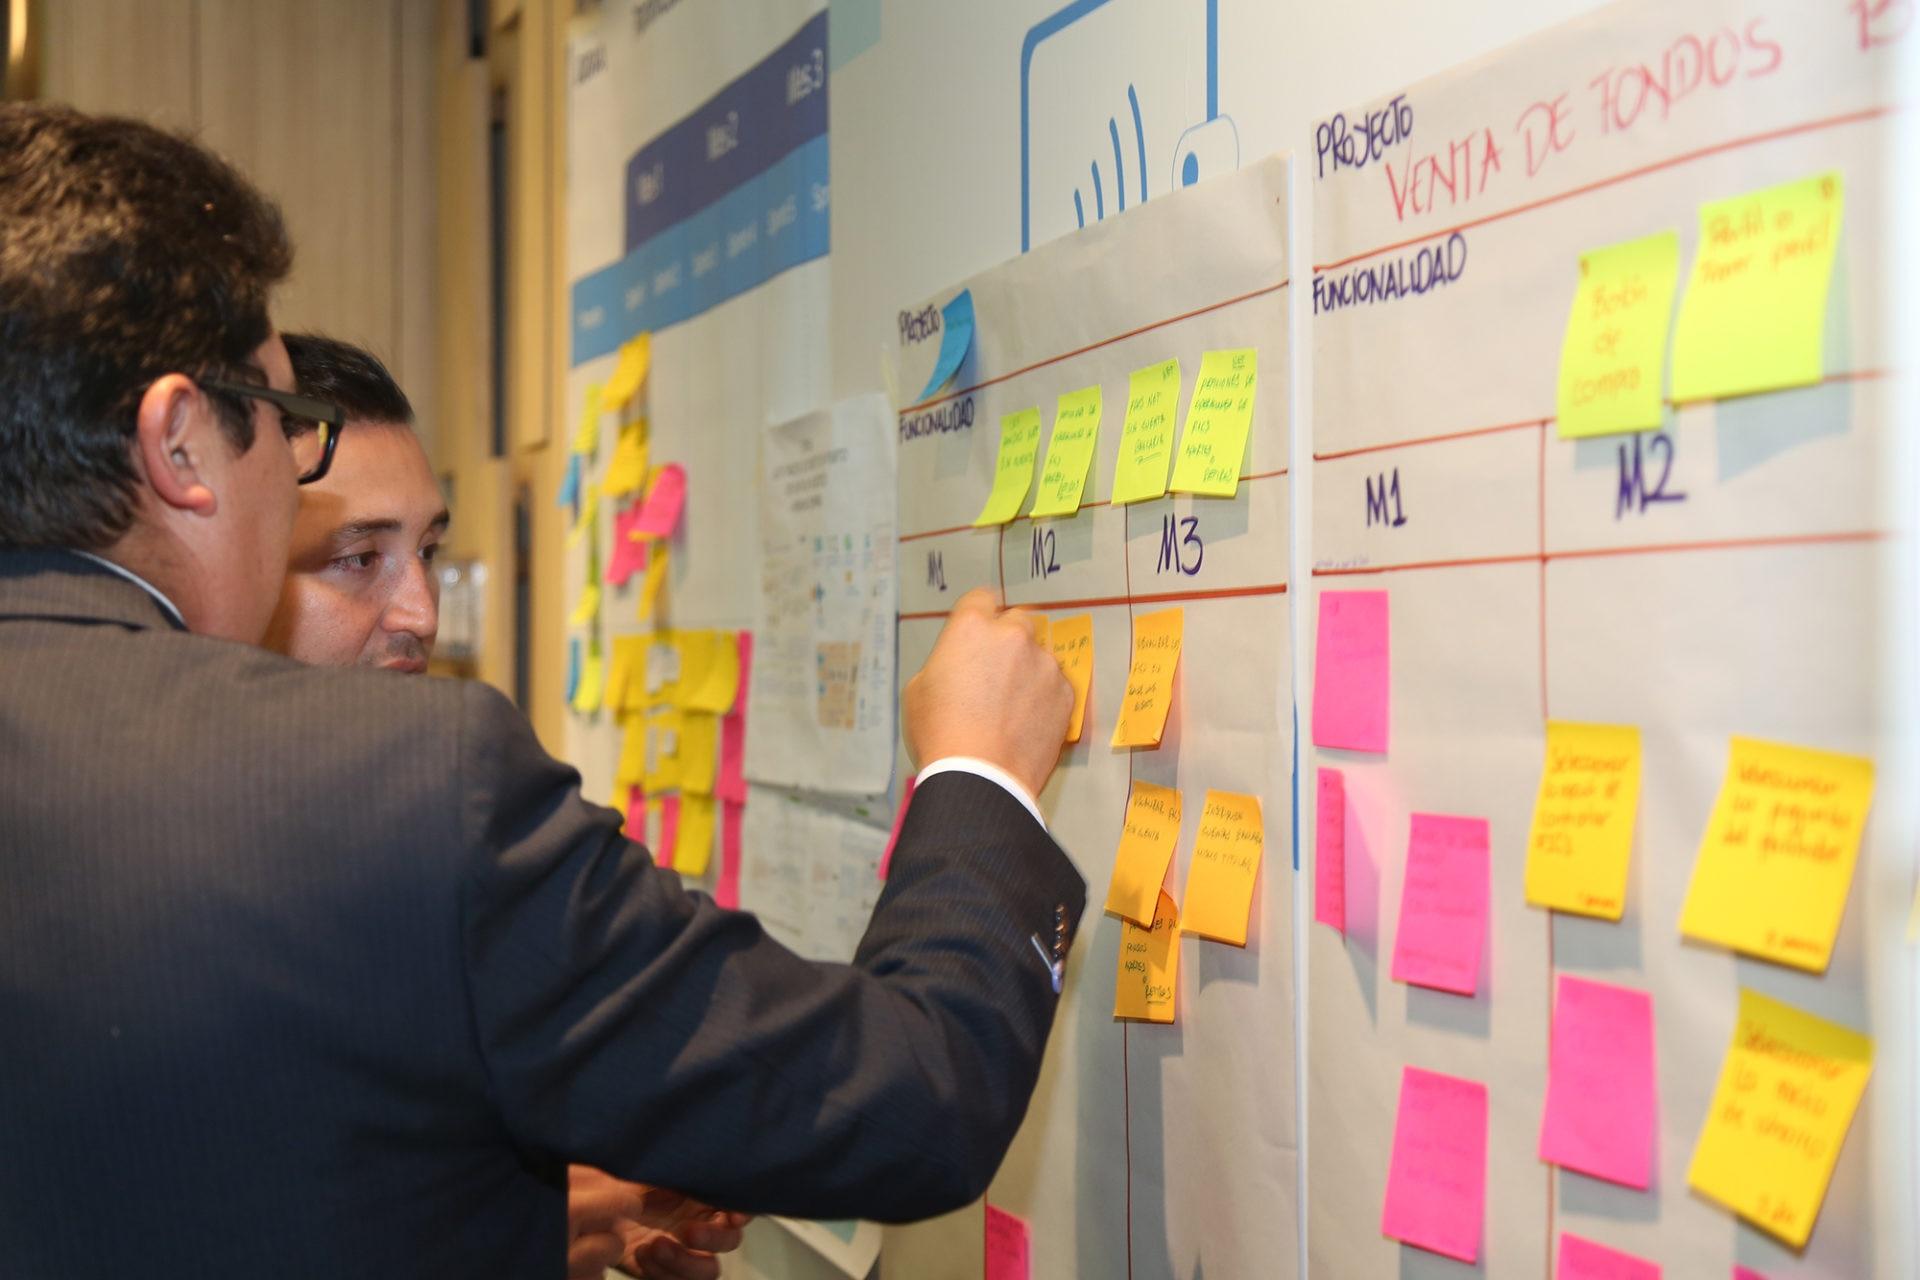 Equipos,Innovación,comprometidos,Transformación,Digital